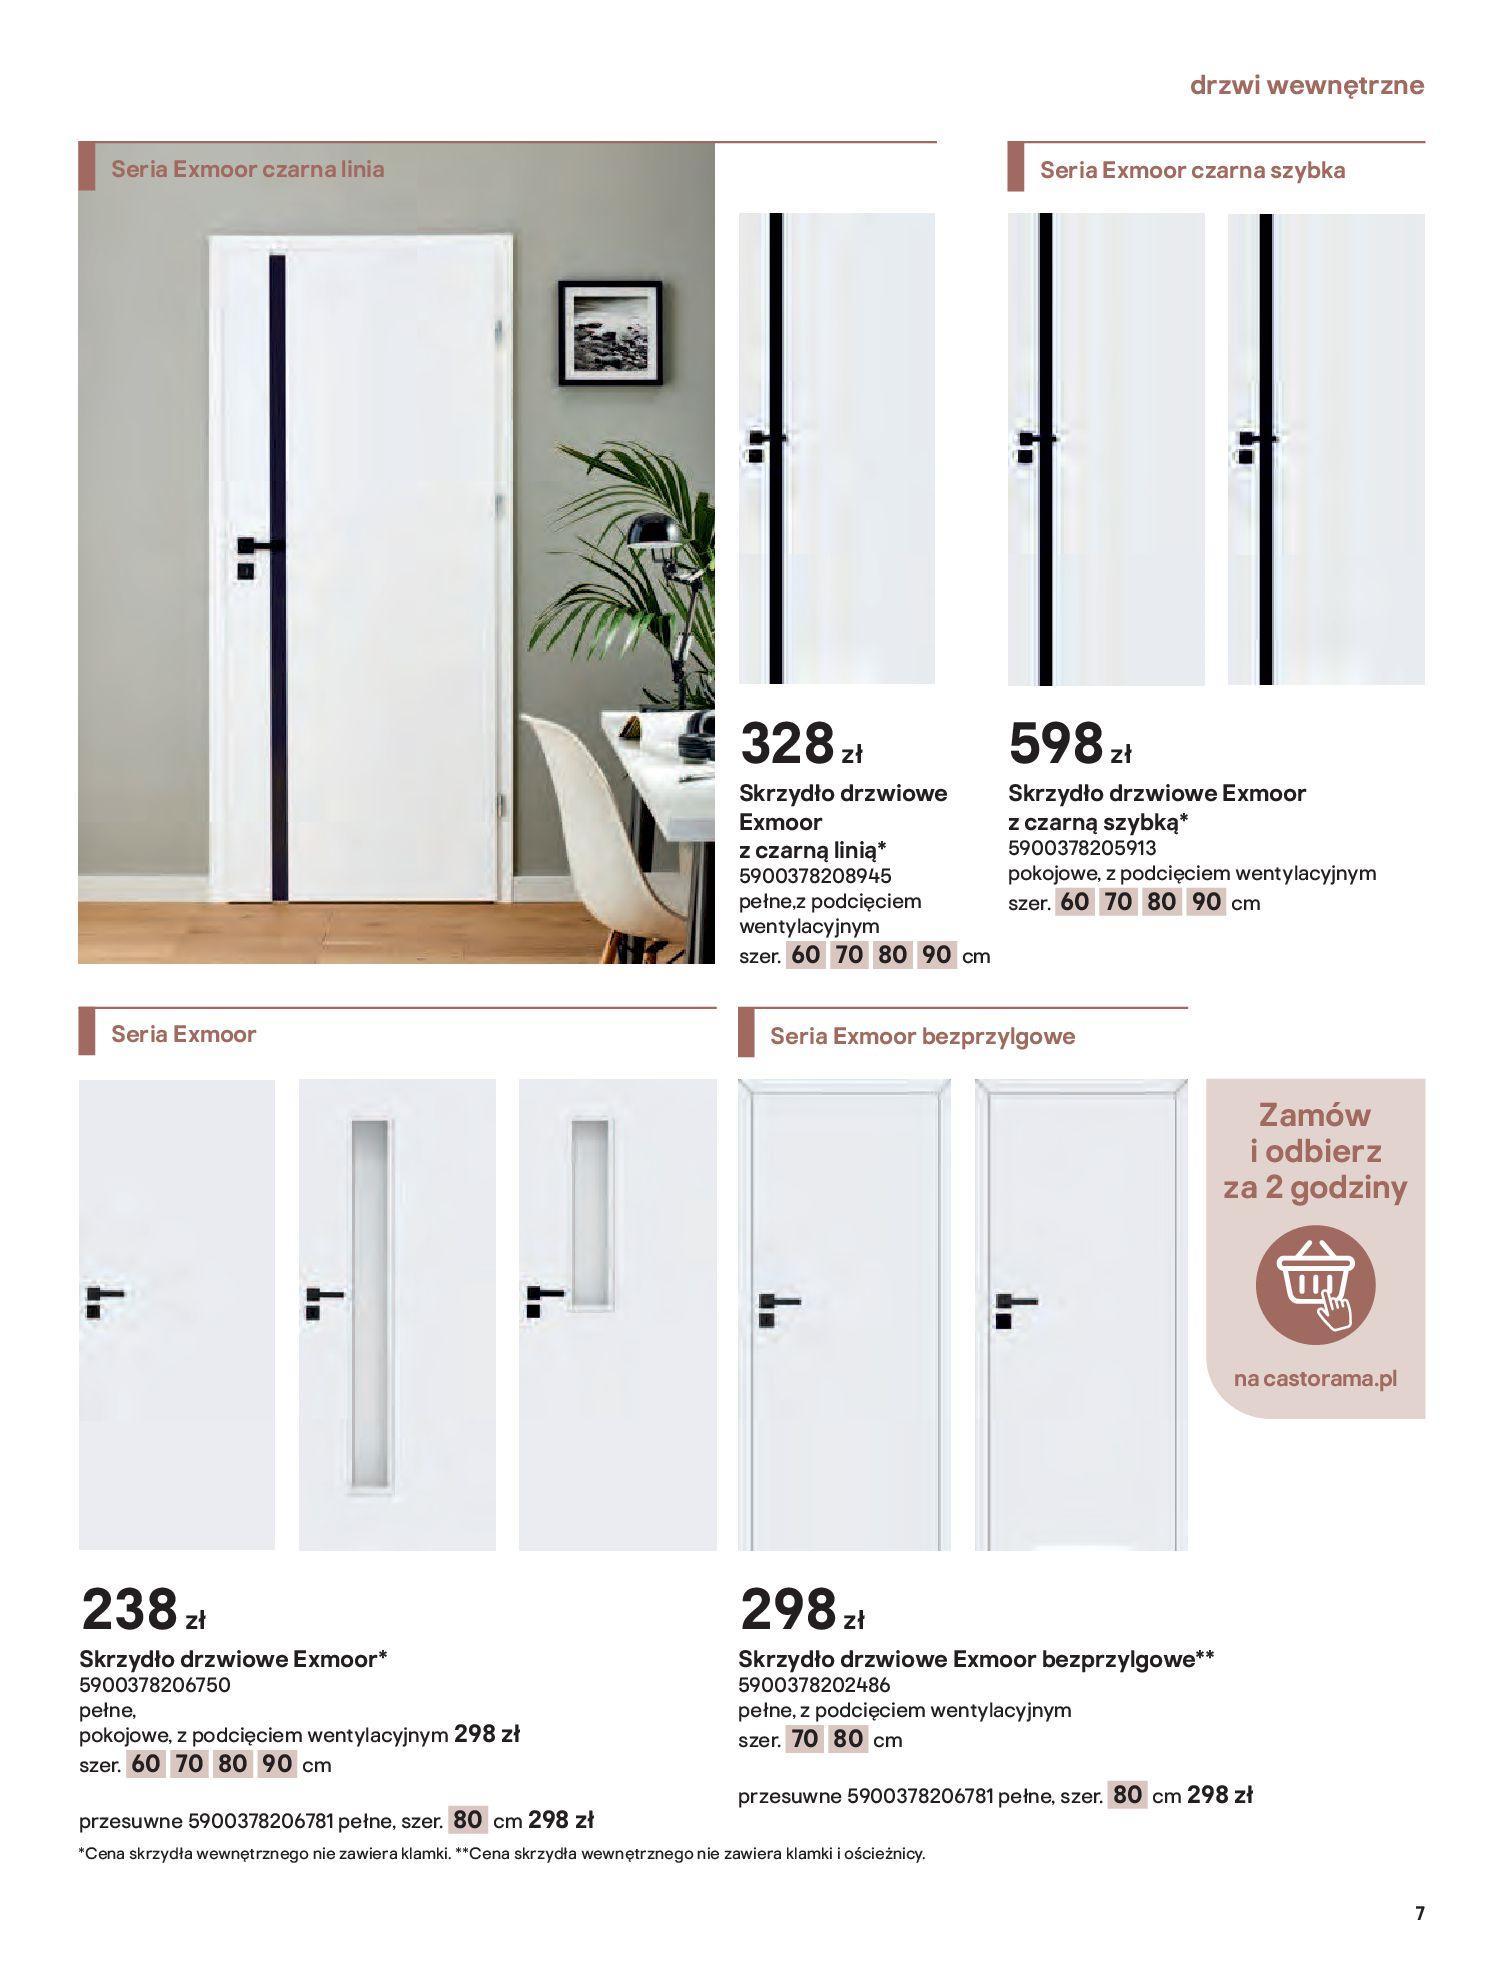 Gazetka Castorama: Gazetka Castorama - Przewodnik drzwi i podłogi 2021 2021-08-11 page-7